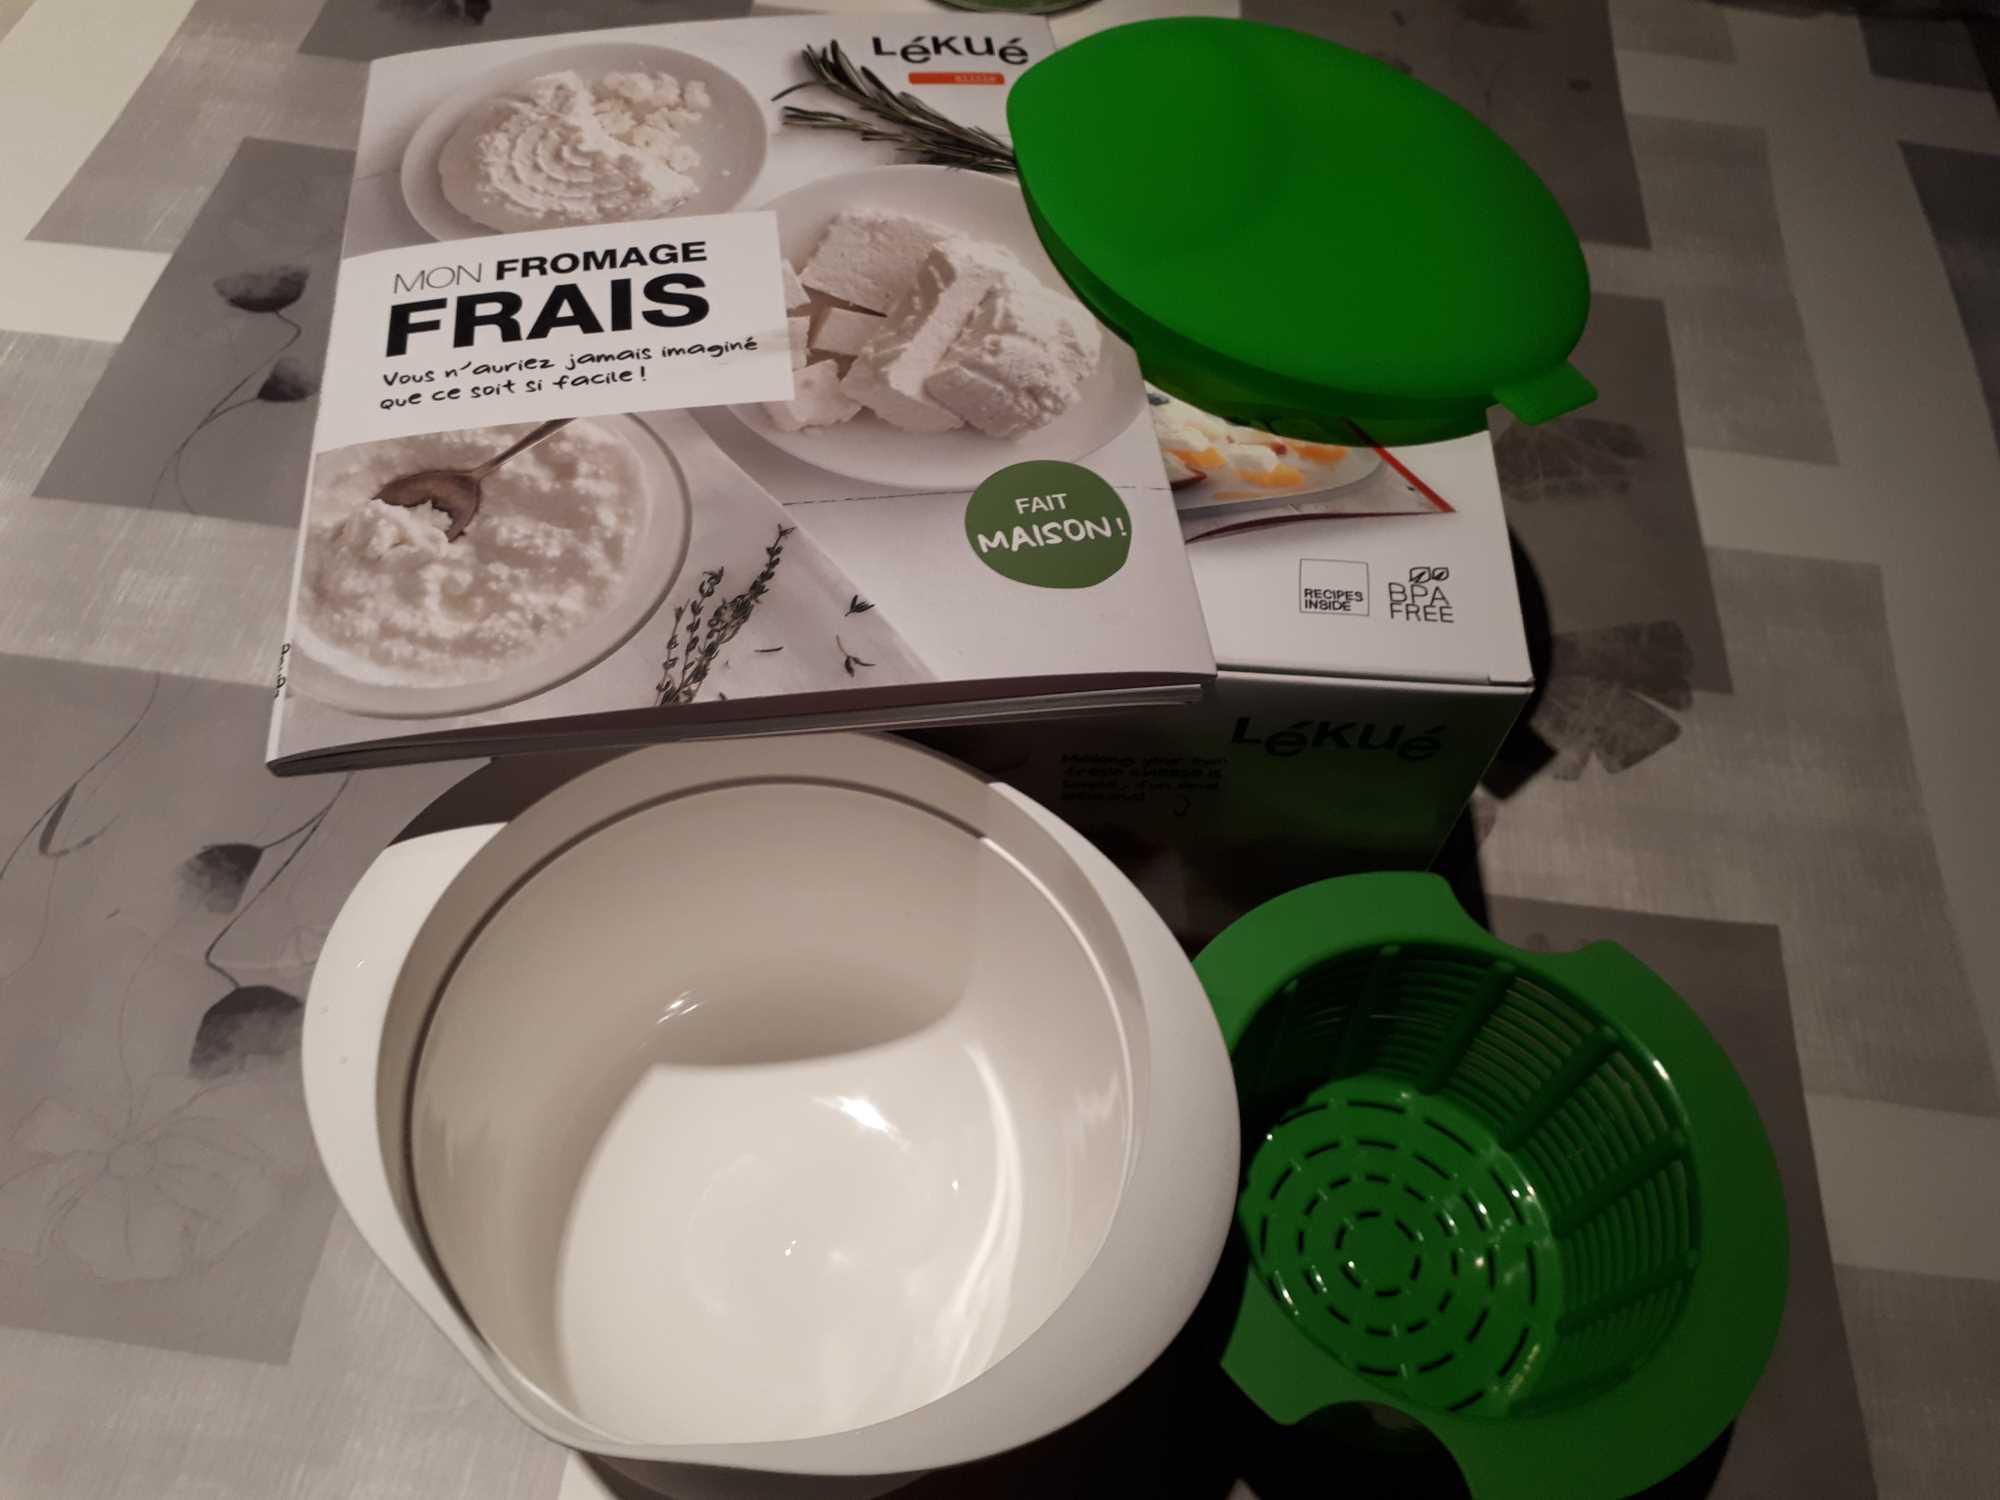 J'ai testé pour vous le kit Lékué - La Magie du Fromage Frais fait maison -